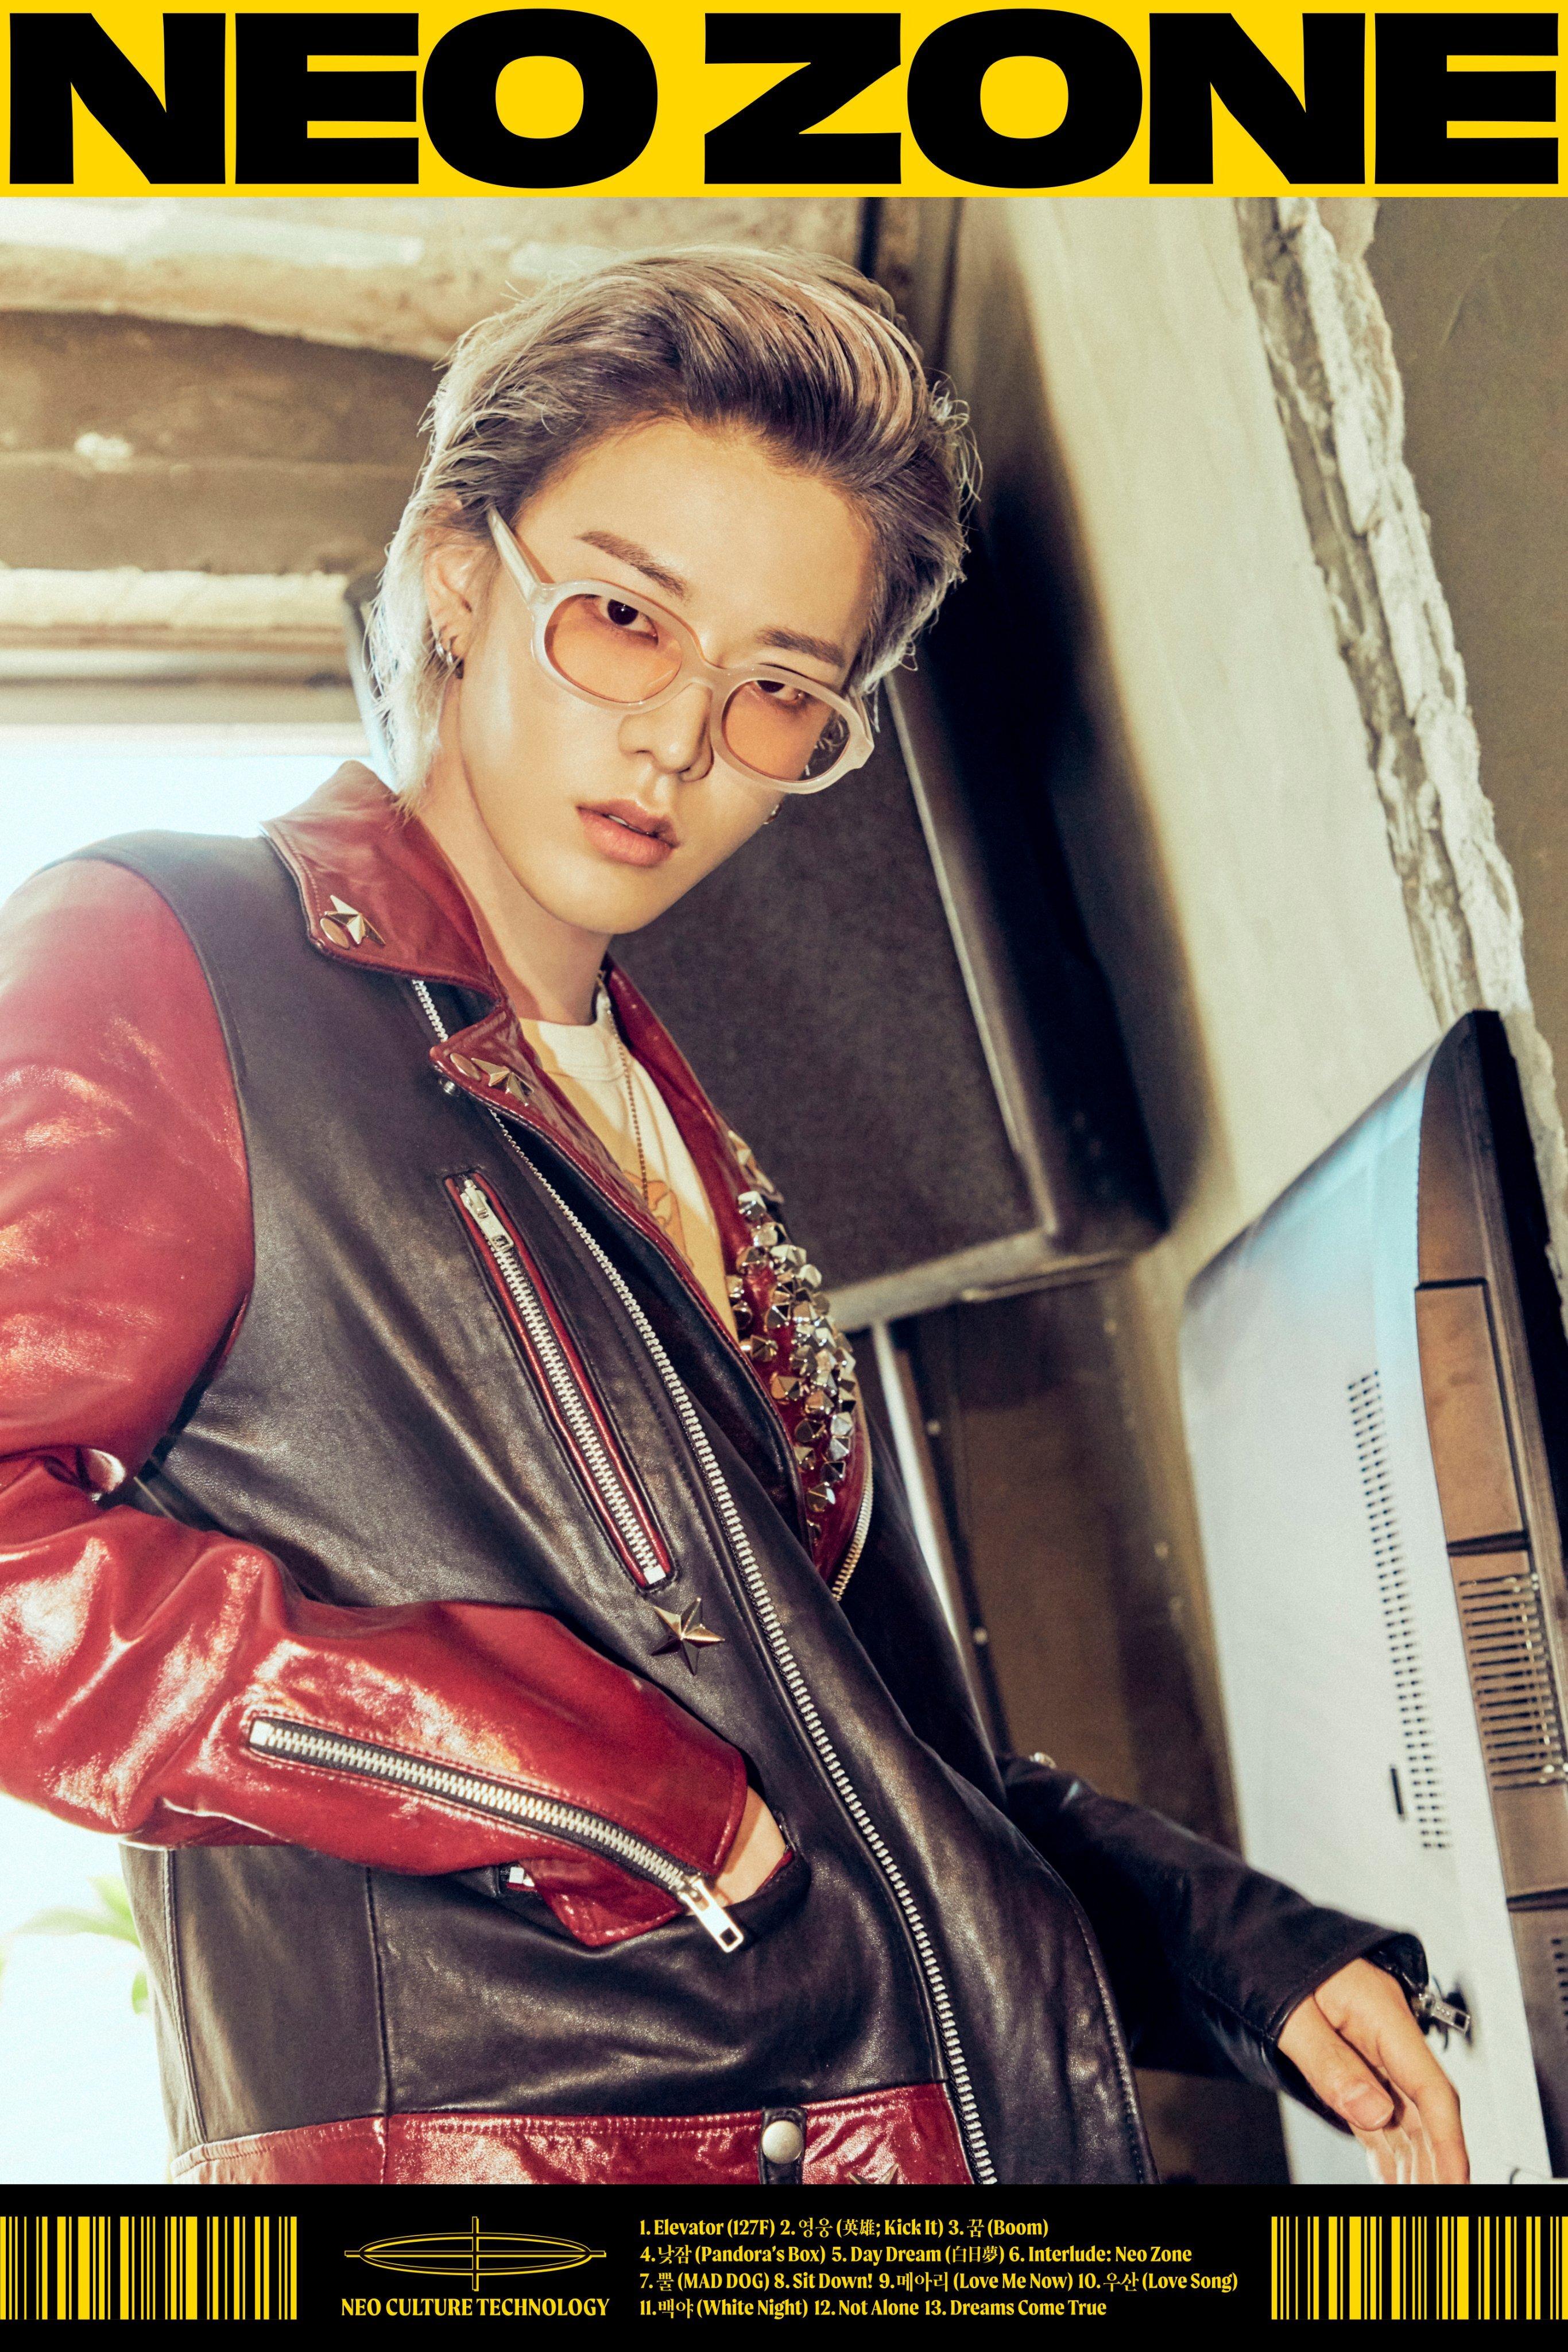 최근 SM이 작정하고 신박한 프로모션하는 남자그룹 | 인스티즈